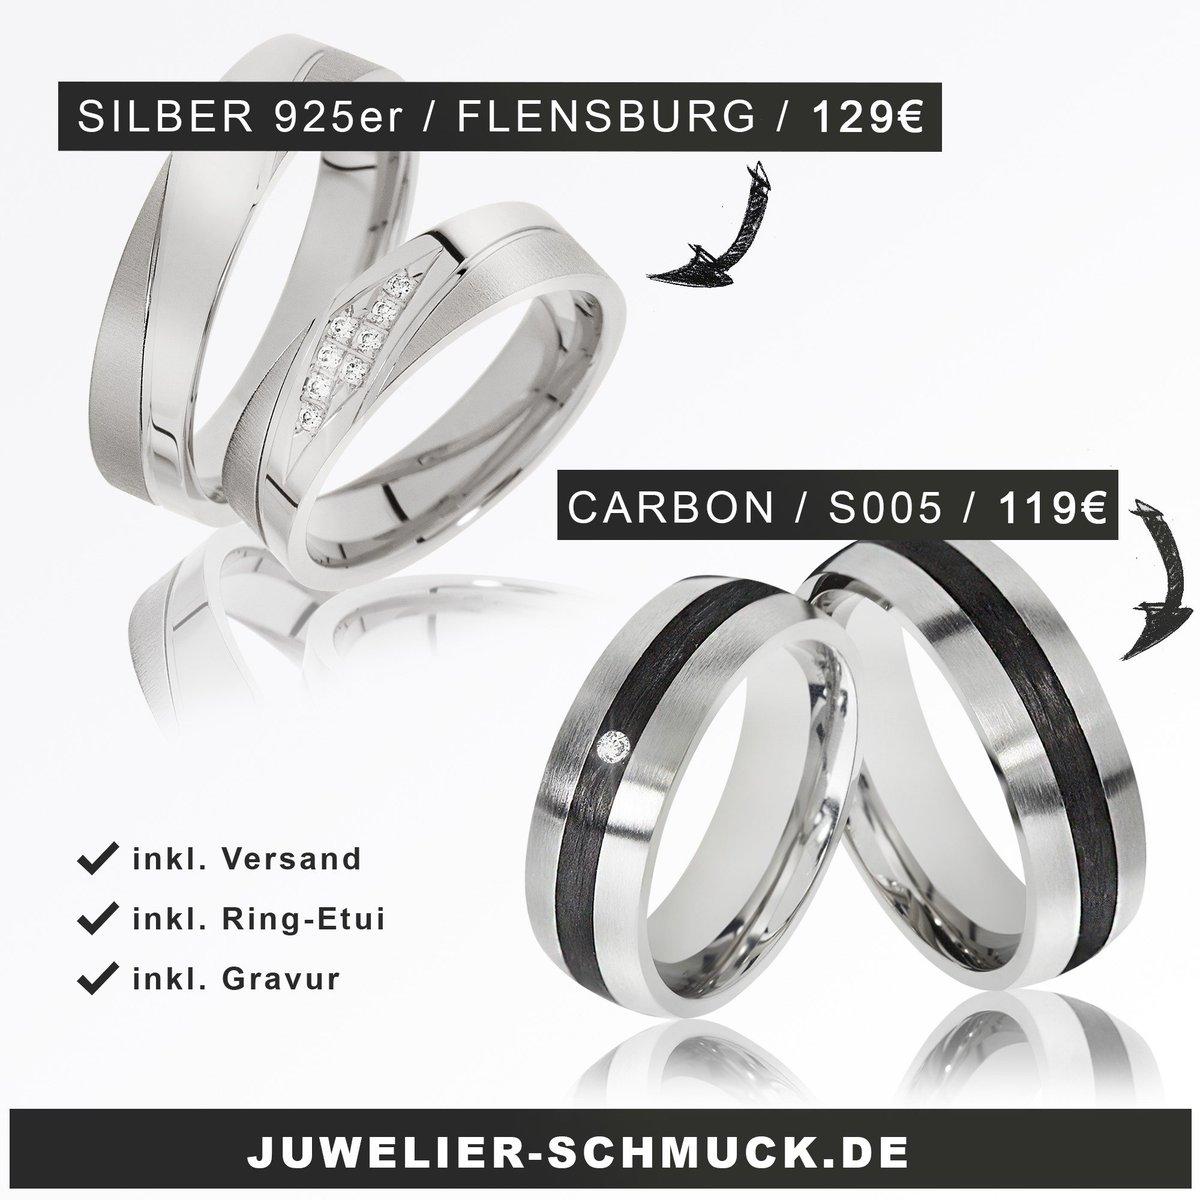 Juwelier Schmuck On Twitter Kennt Ihr Schon Unsere Ringe Aus